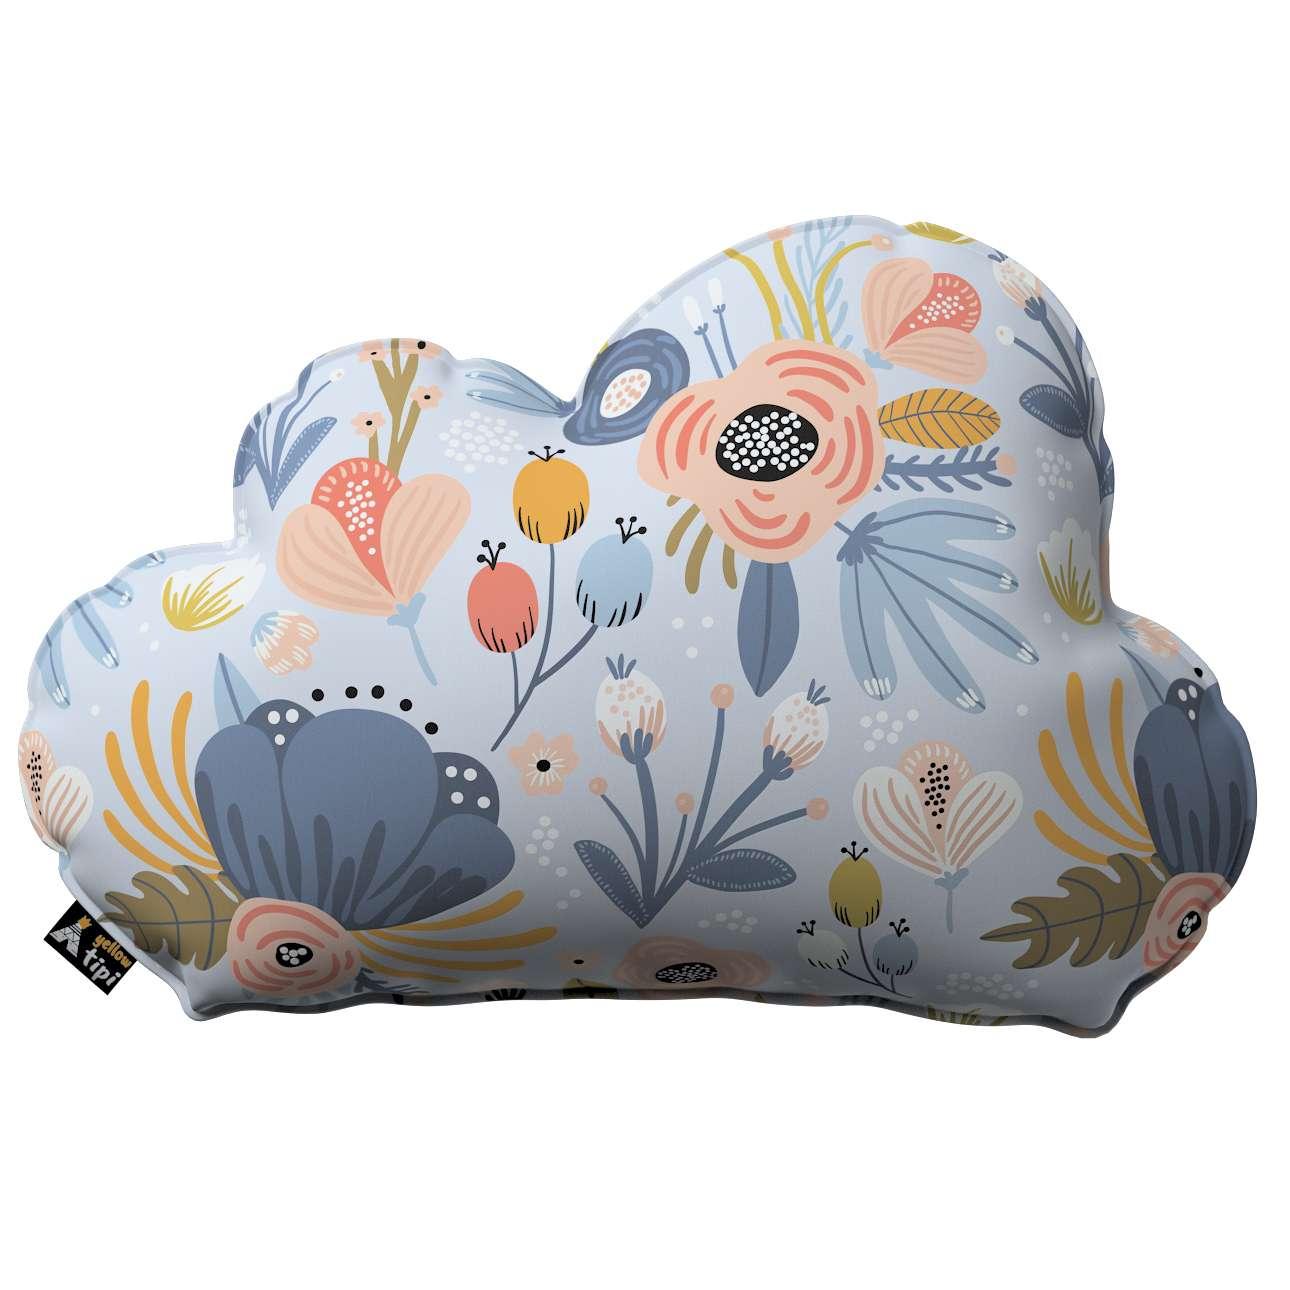 Kissen Soft Cloud von der Kollektion Magic Collection, Stoff: 500-05